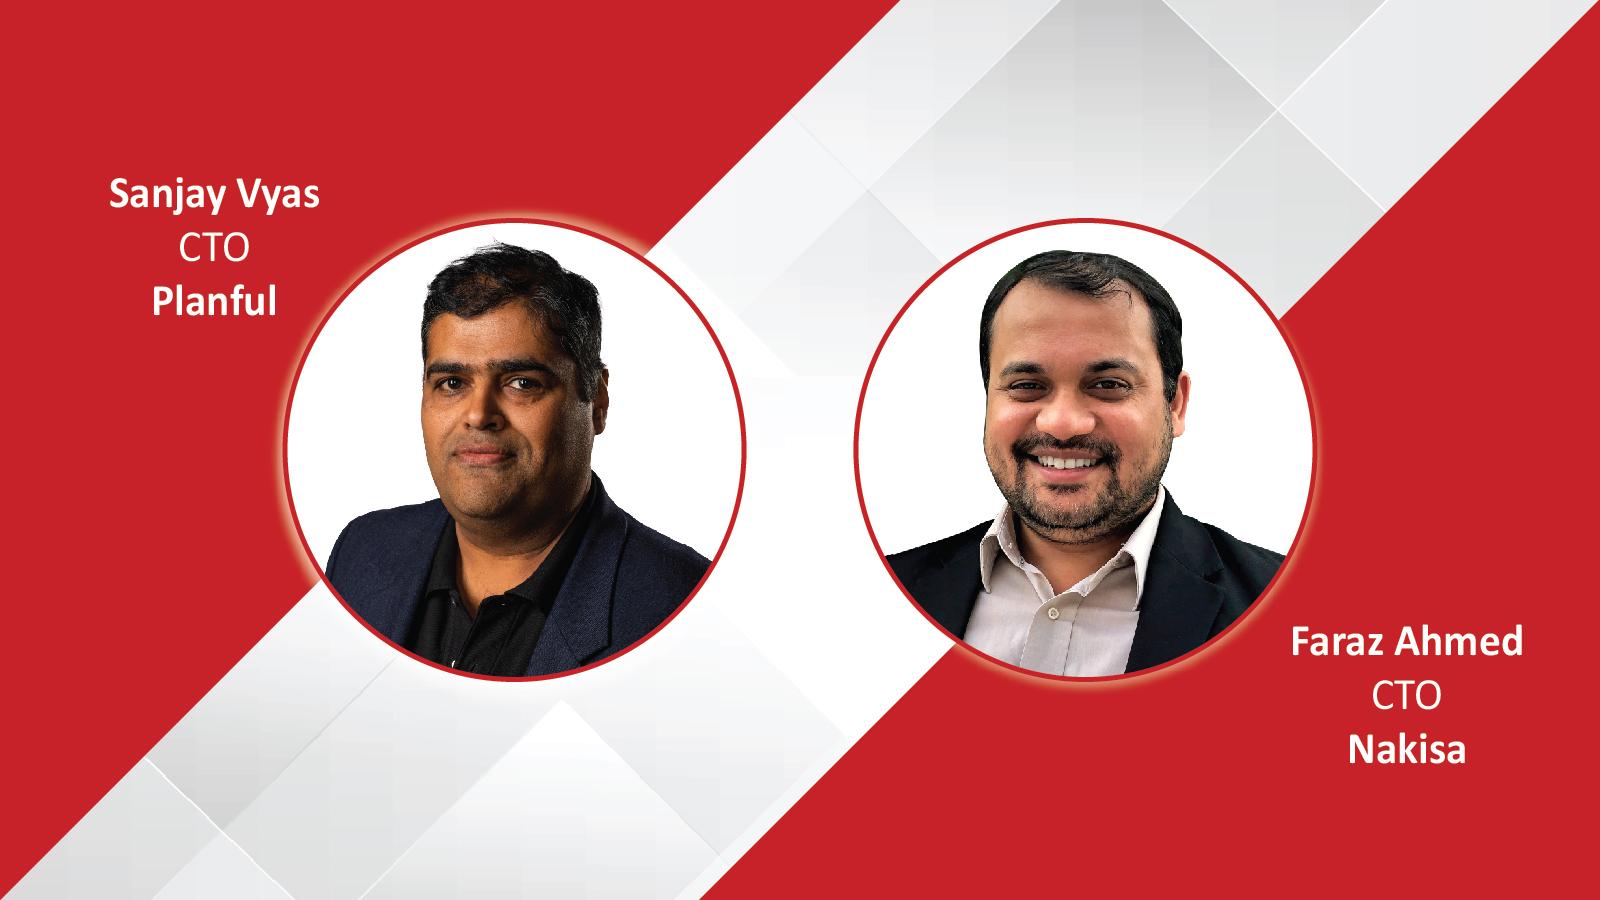 Dialogue between Sanjay Vyas (CTO at Planful) and Faraz Ahmed (CTO at Nakisa)